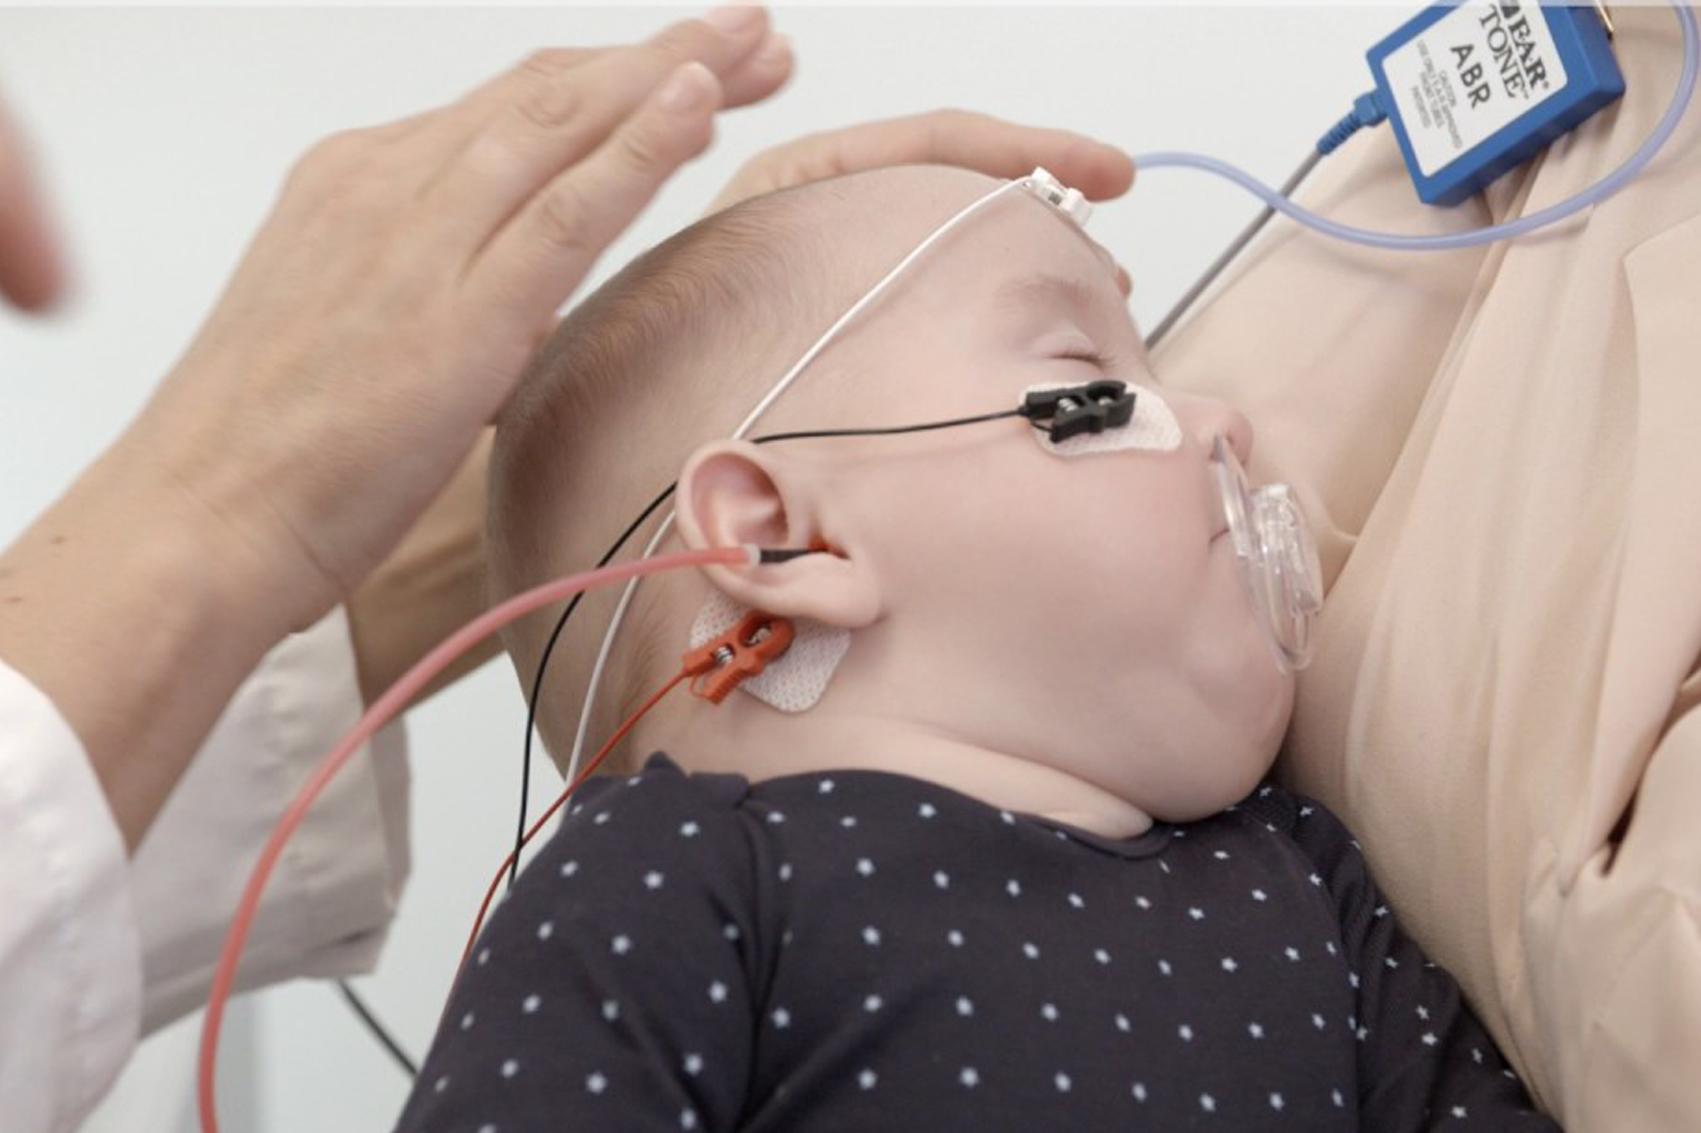 اختبار استجابة جذع الدماغ السمعية (ABR)